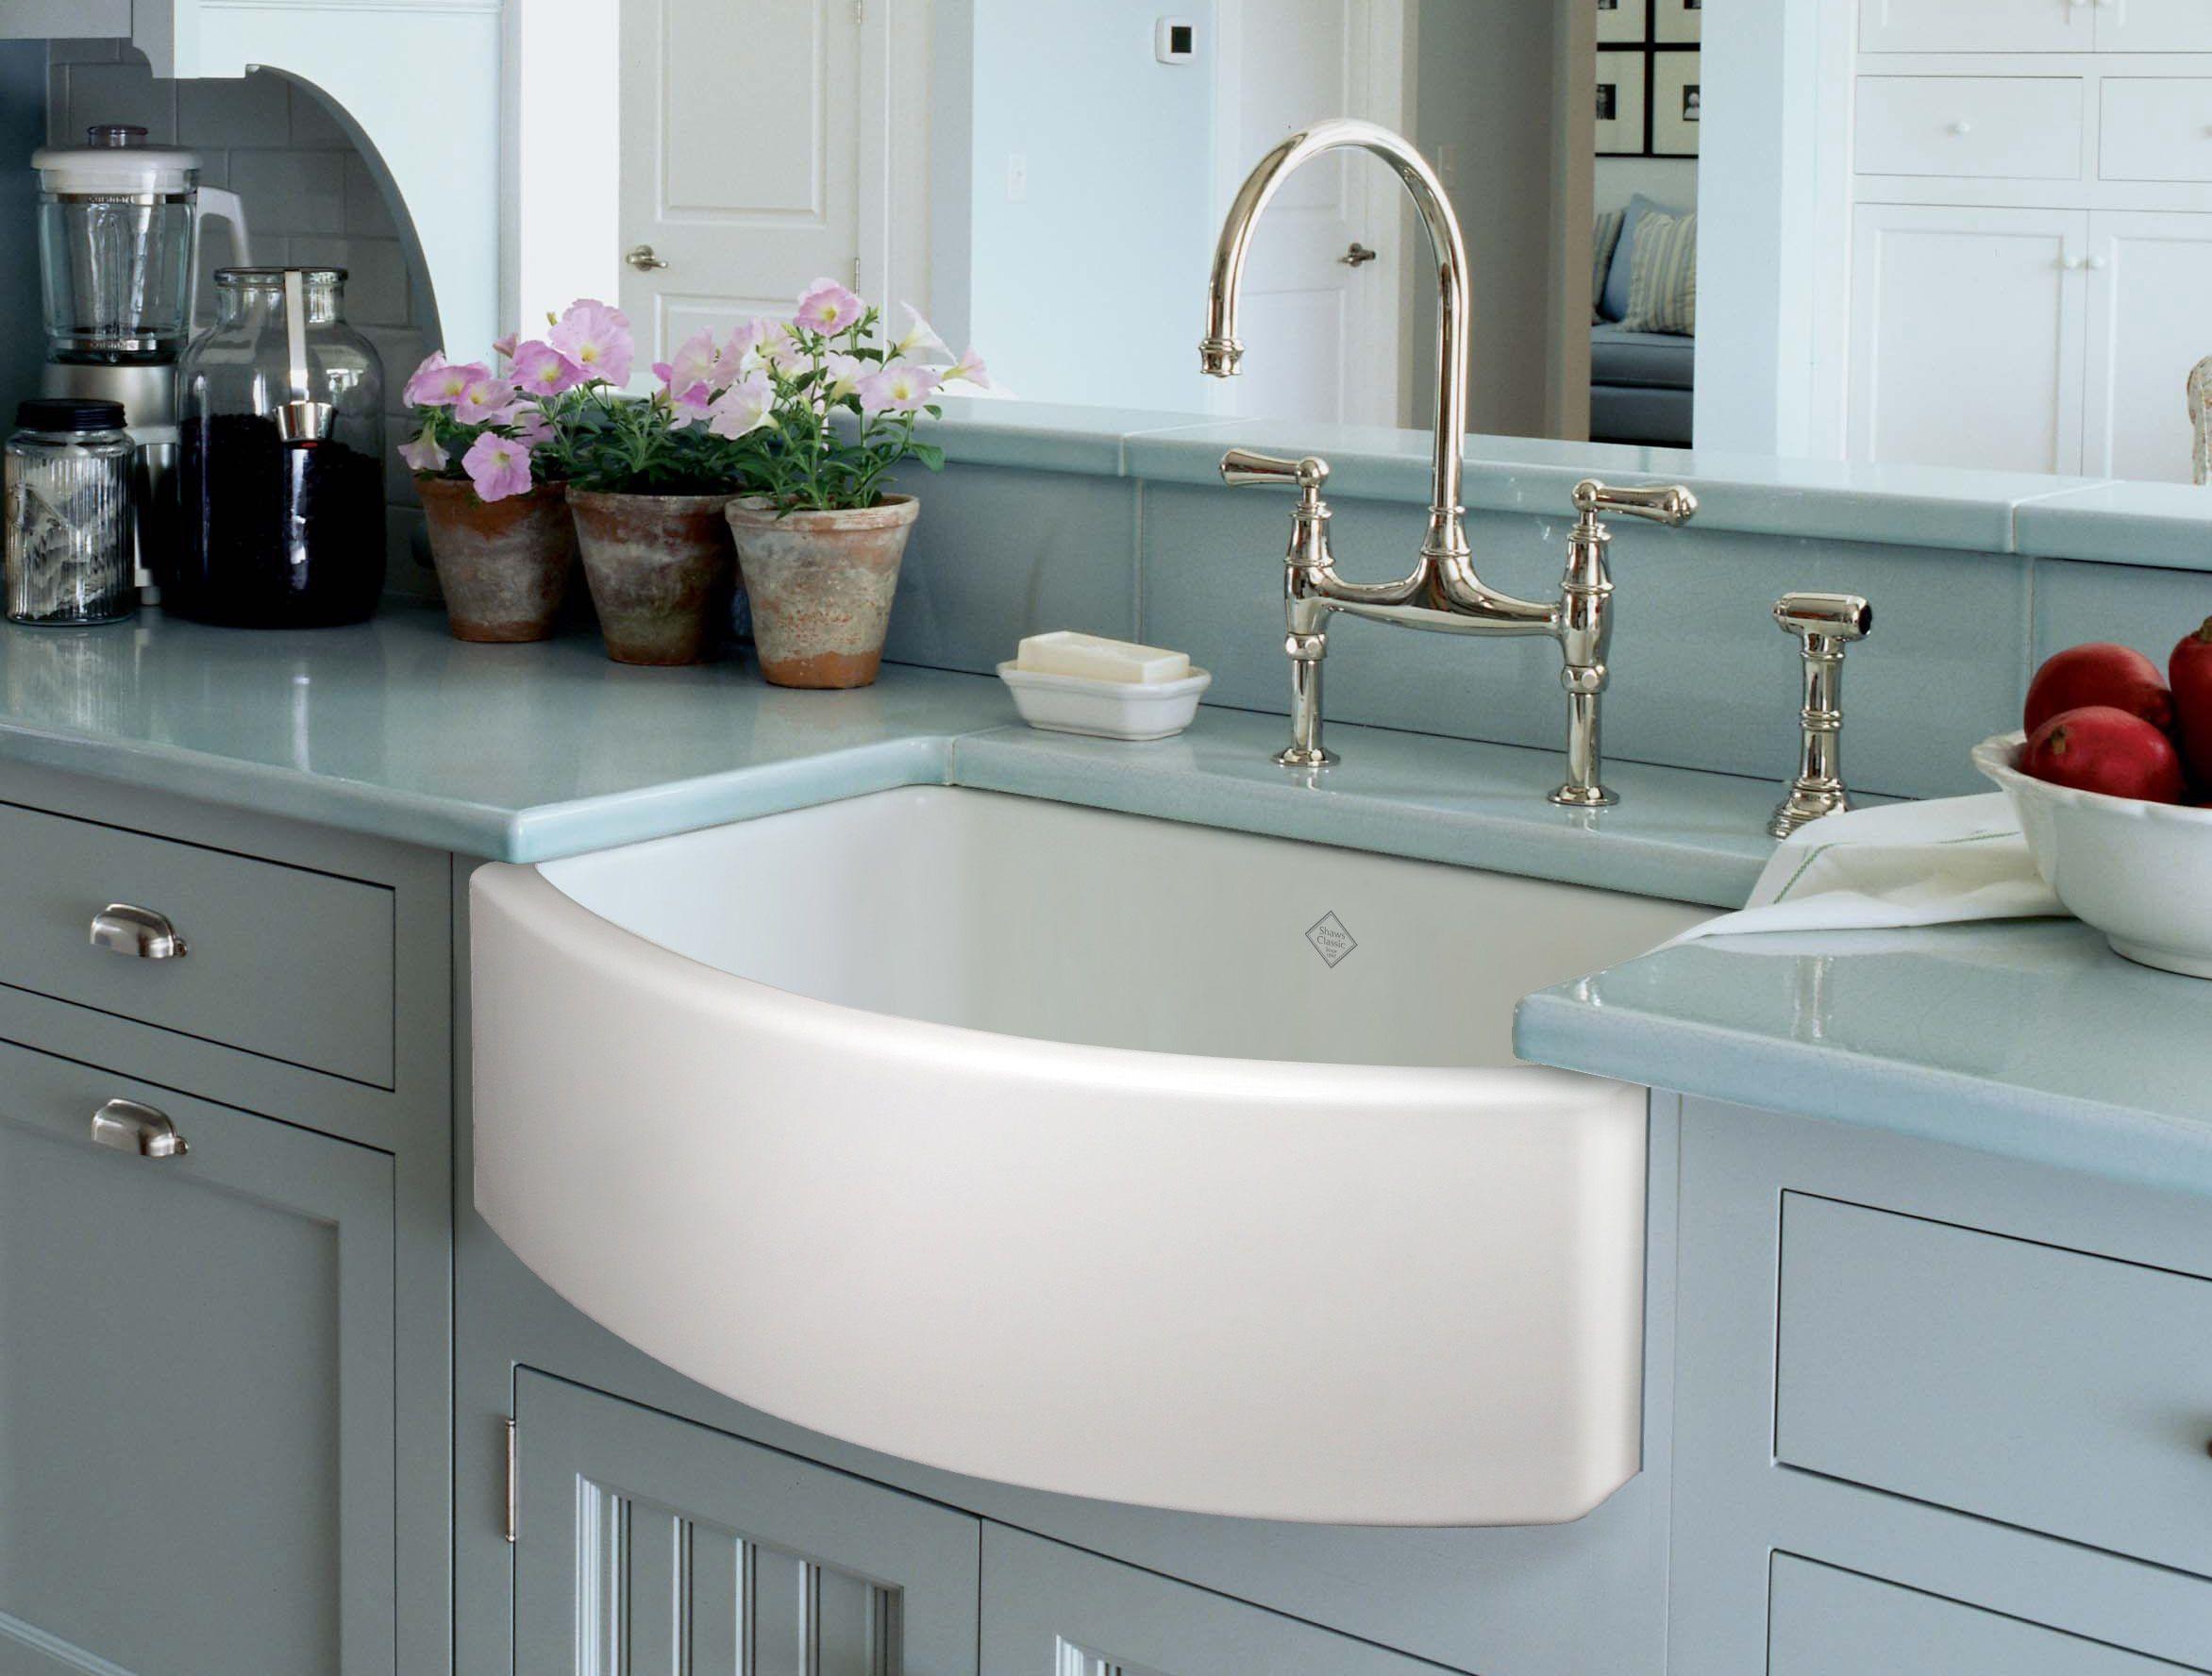 Ceramiczny Zlewozmywak W Kuchni Dlaczego Warto Wady I Zalety Learning From Hollywood Kitchen Sink Decor Rustic Kitchen Sinks Kitchen Sink Design